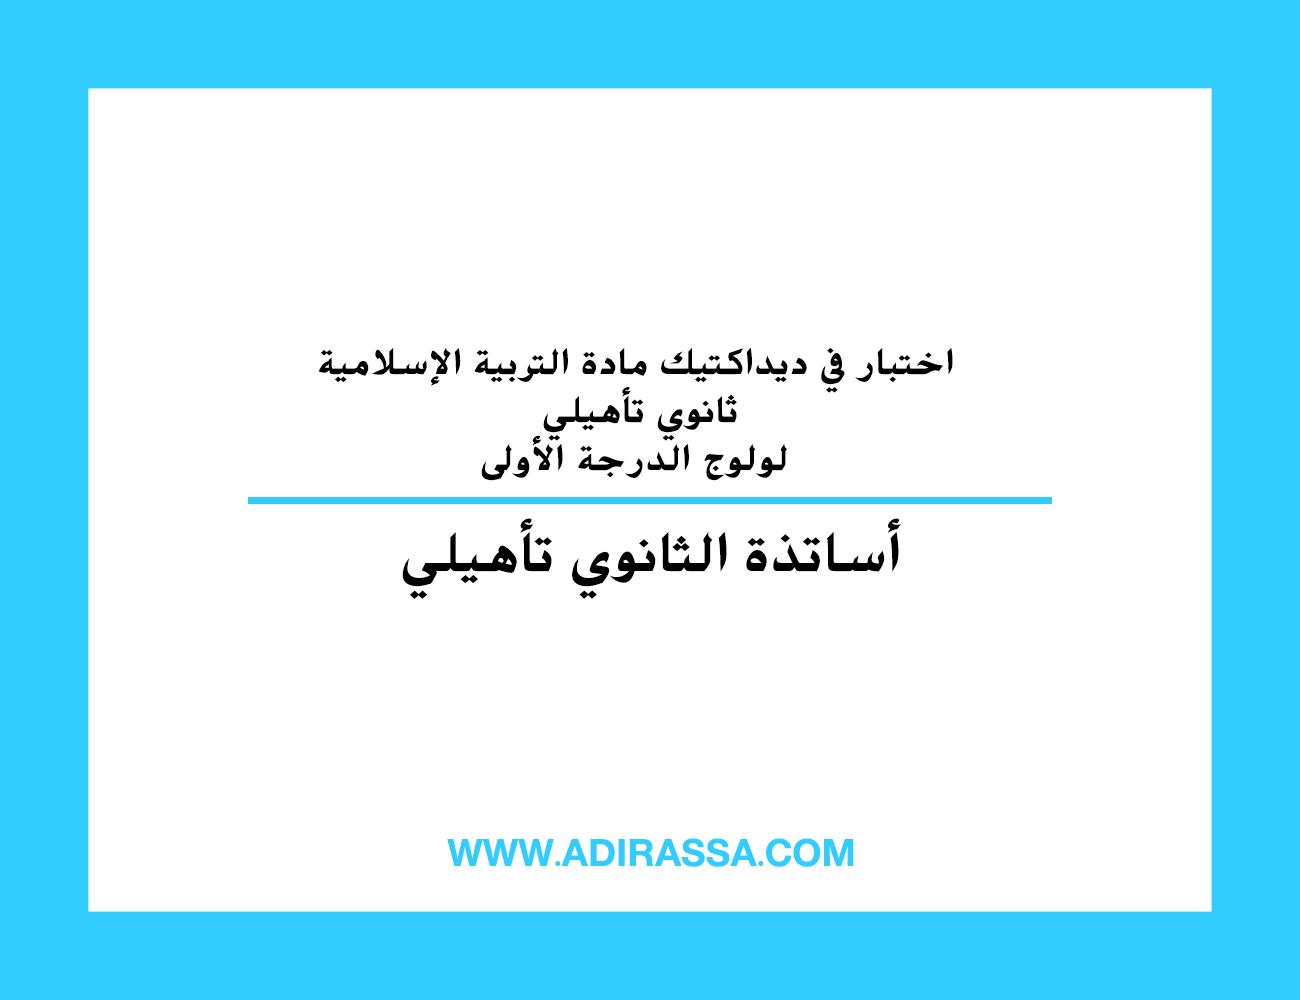 اختبار في ديداكتيك مادة التربية الإسلامية ثانوي تأهيلي لولوج الدرجة الأولى